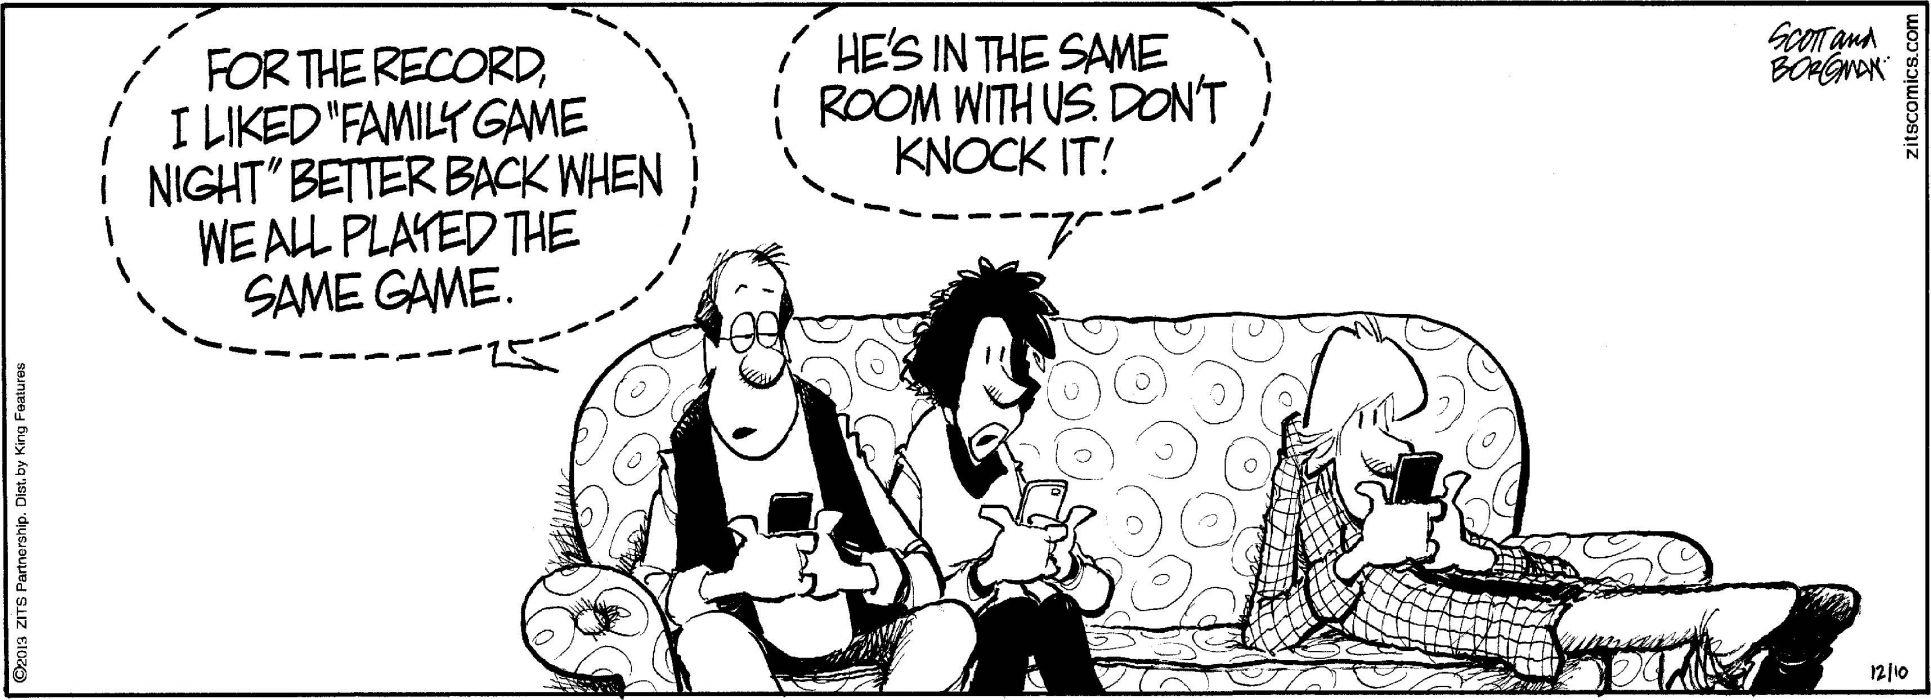 ZITS comicstrip humor funny (64) wallpaper